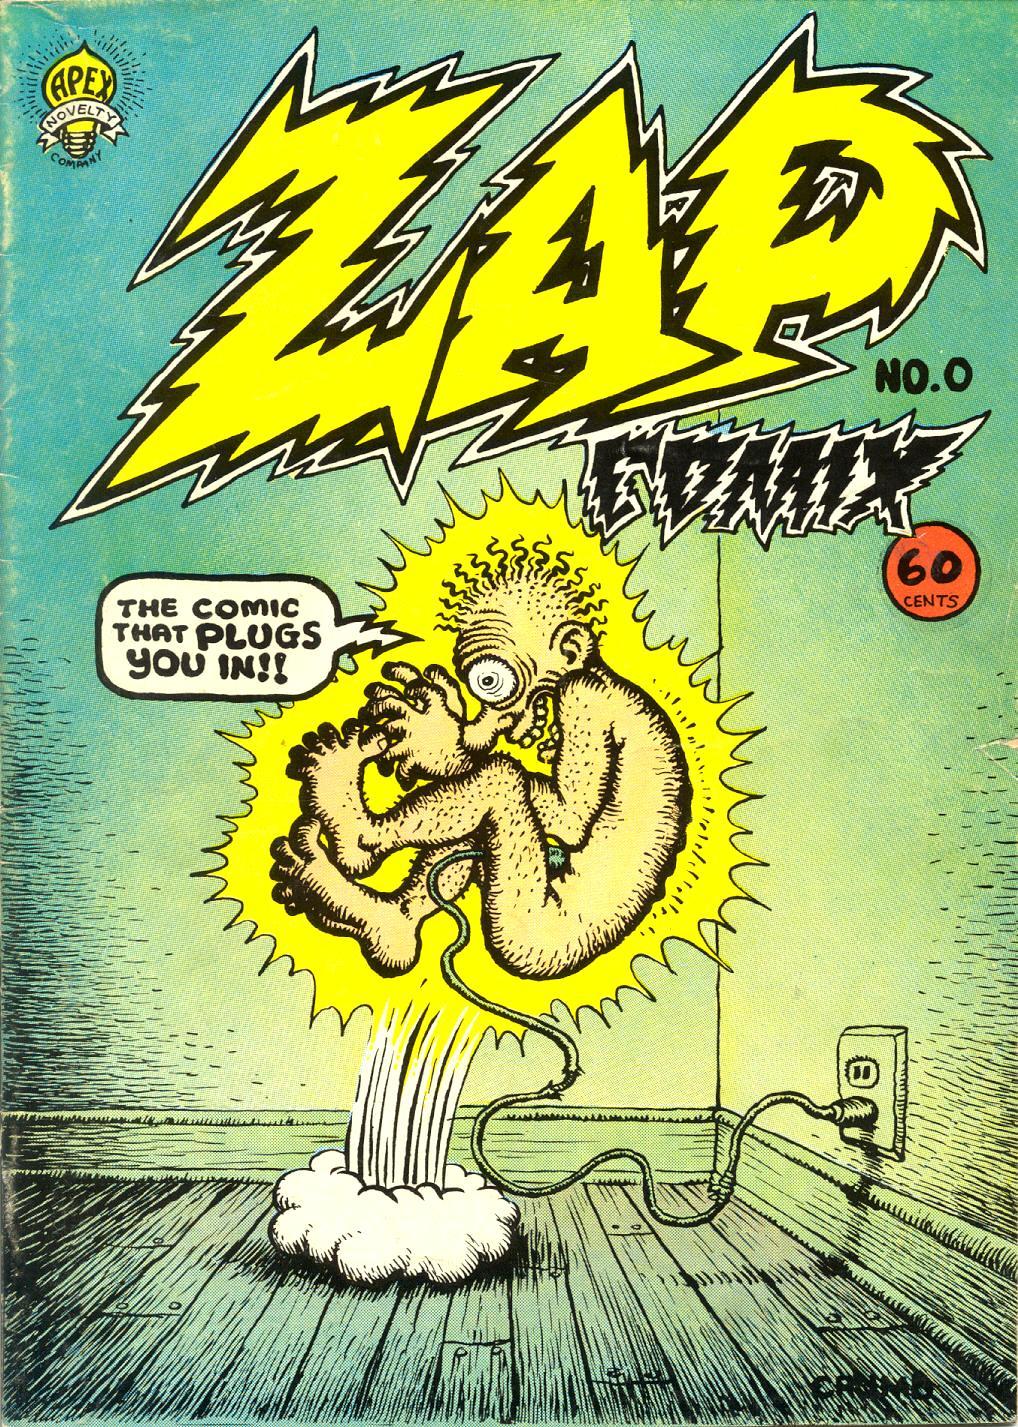 [Image: zap-comix-0-robert-crumb-2.jpg]